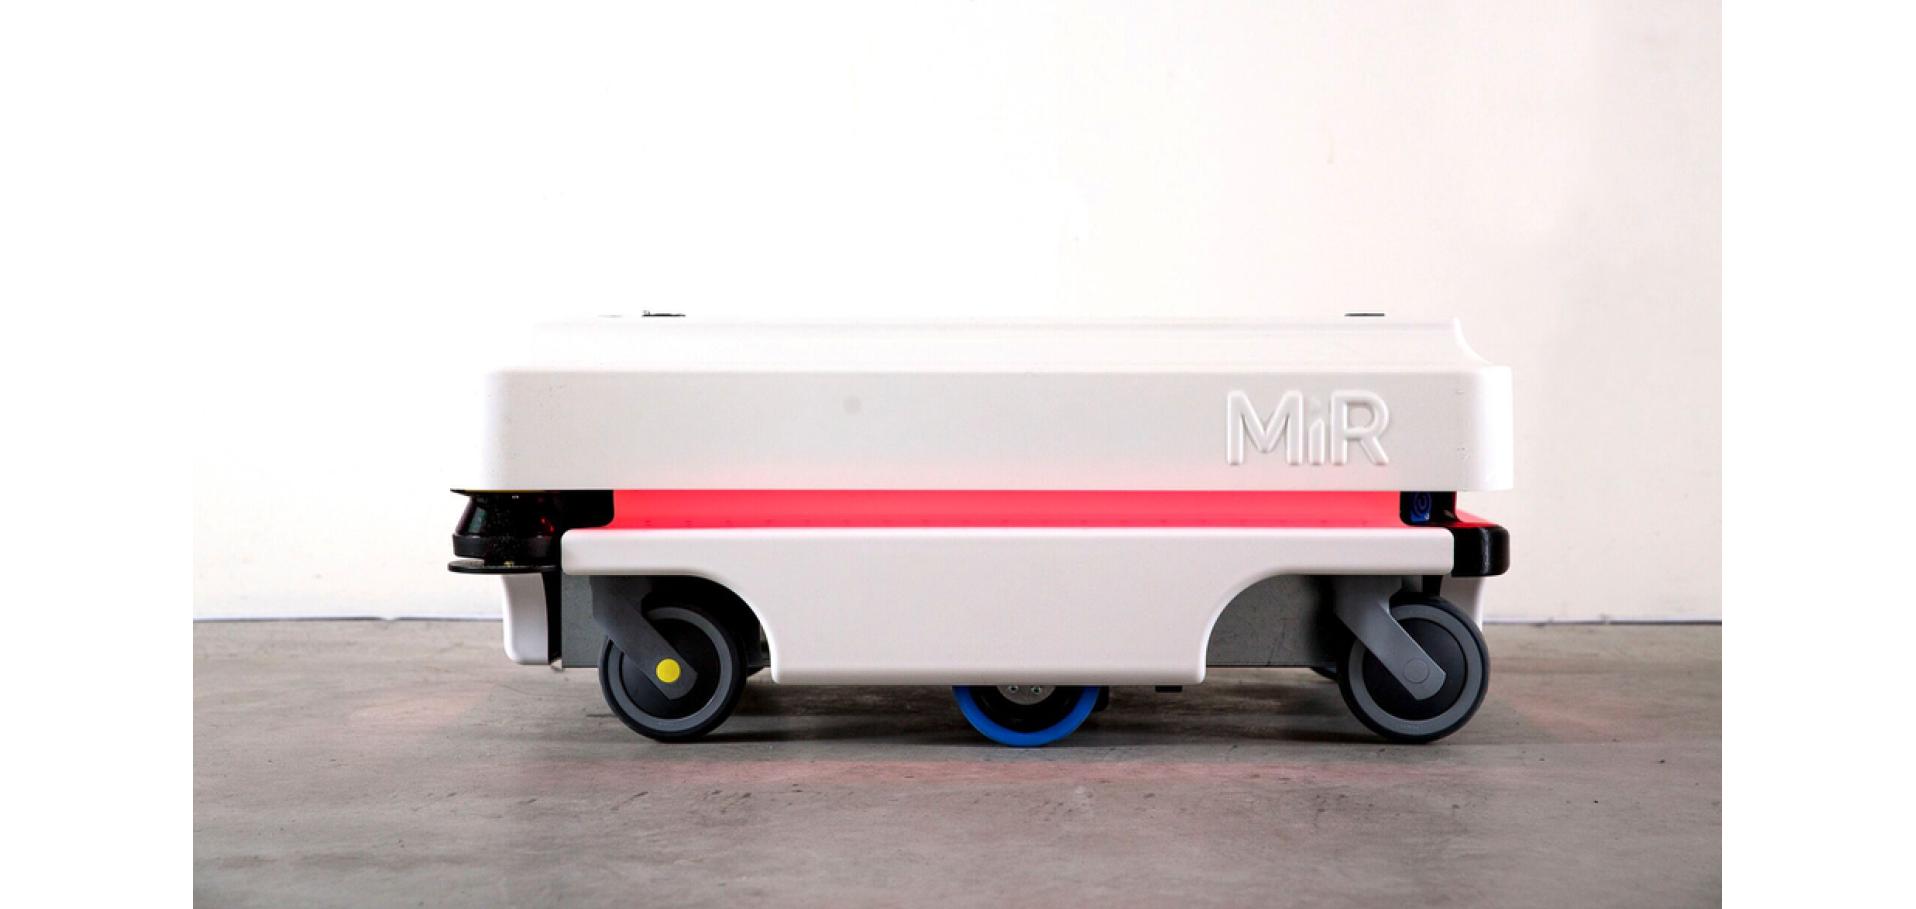 MiR | Mobile Industrial Robot